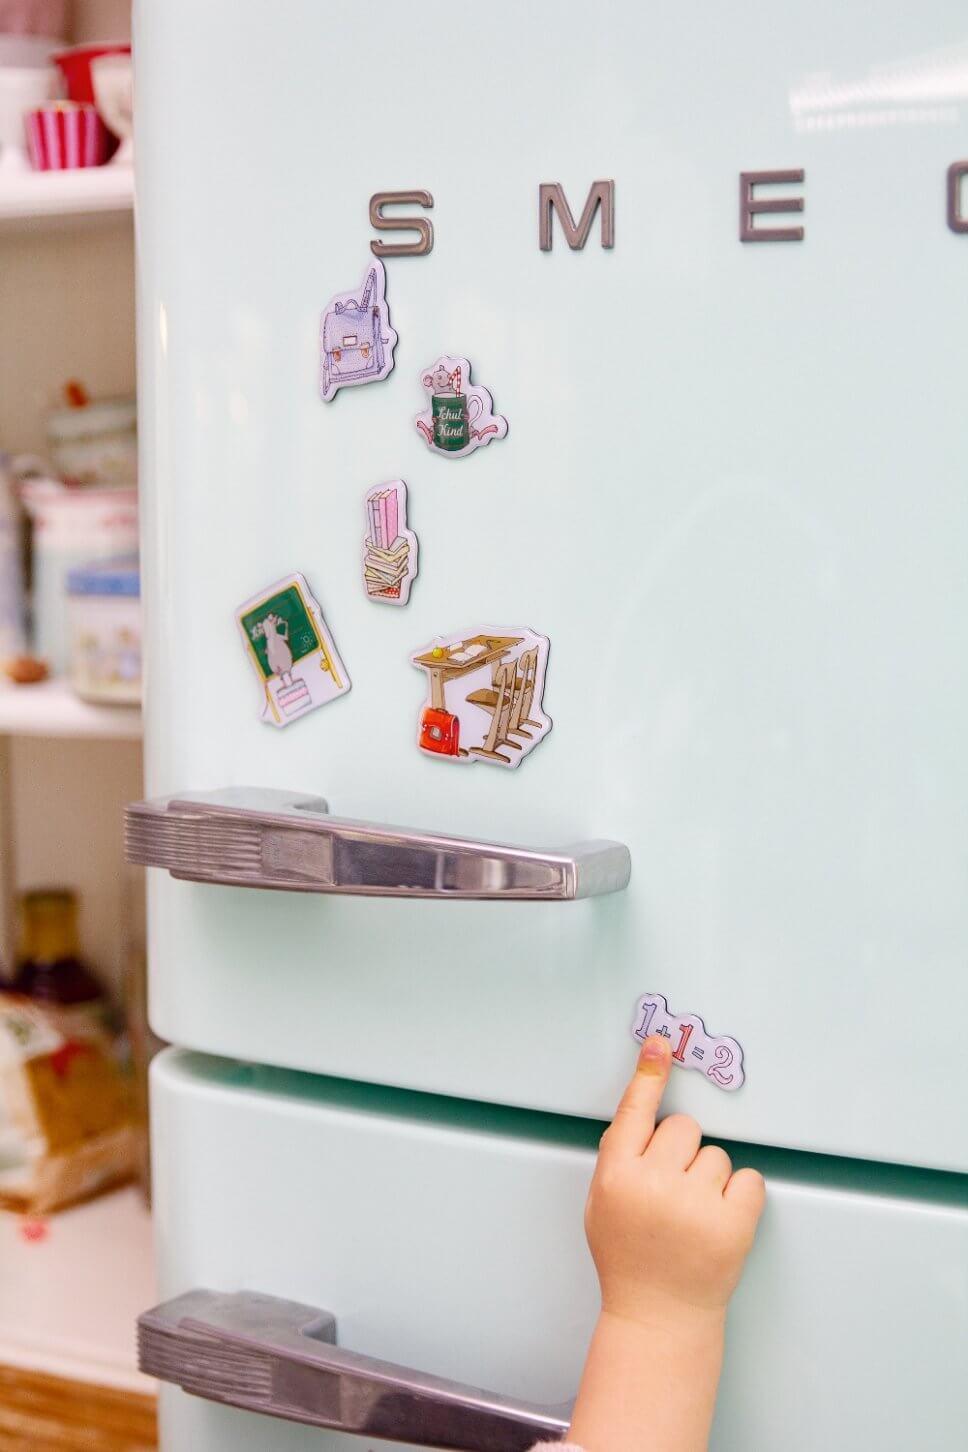 Bunte Magneten mit Schulmotiven am Kühlschrank